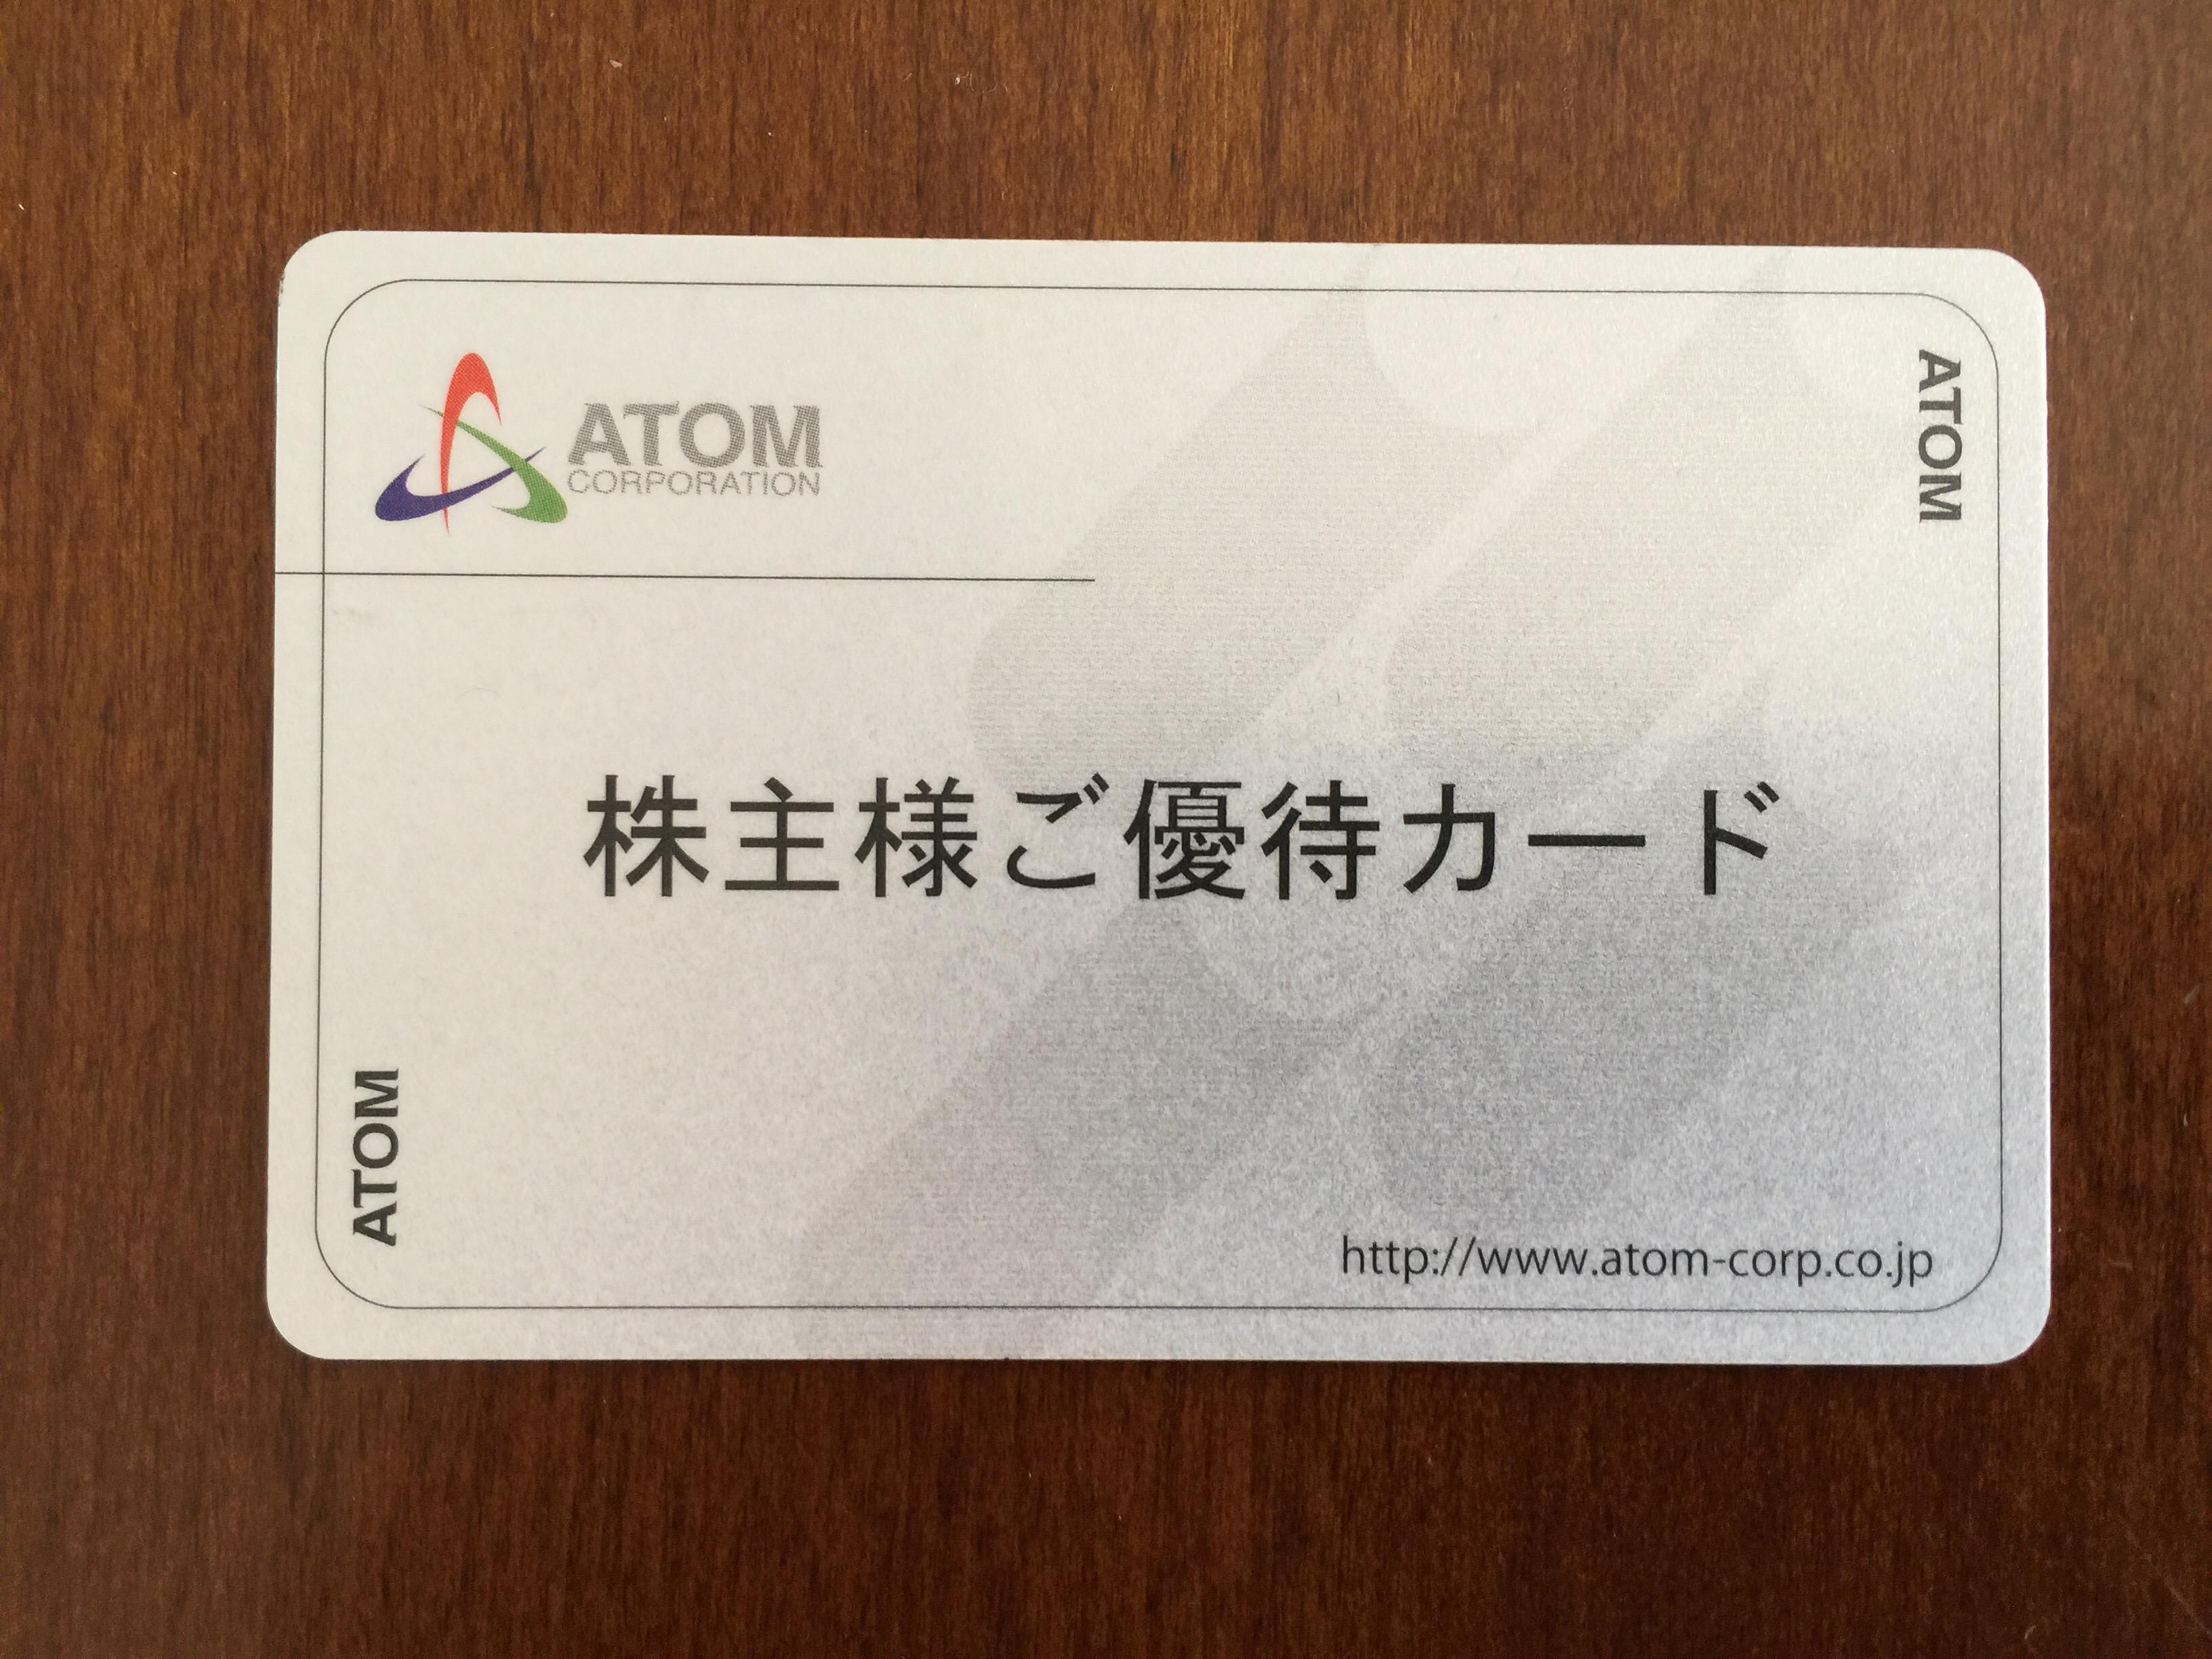 アトムの株主優待 ポイントを使って恵方巻を購入